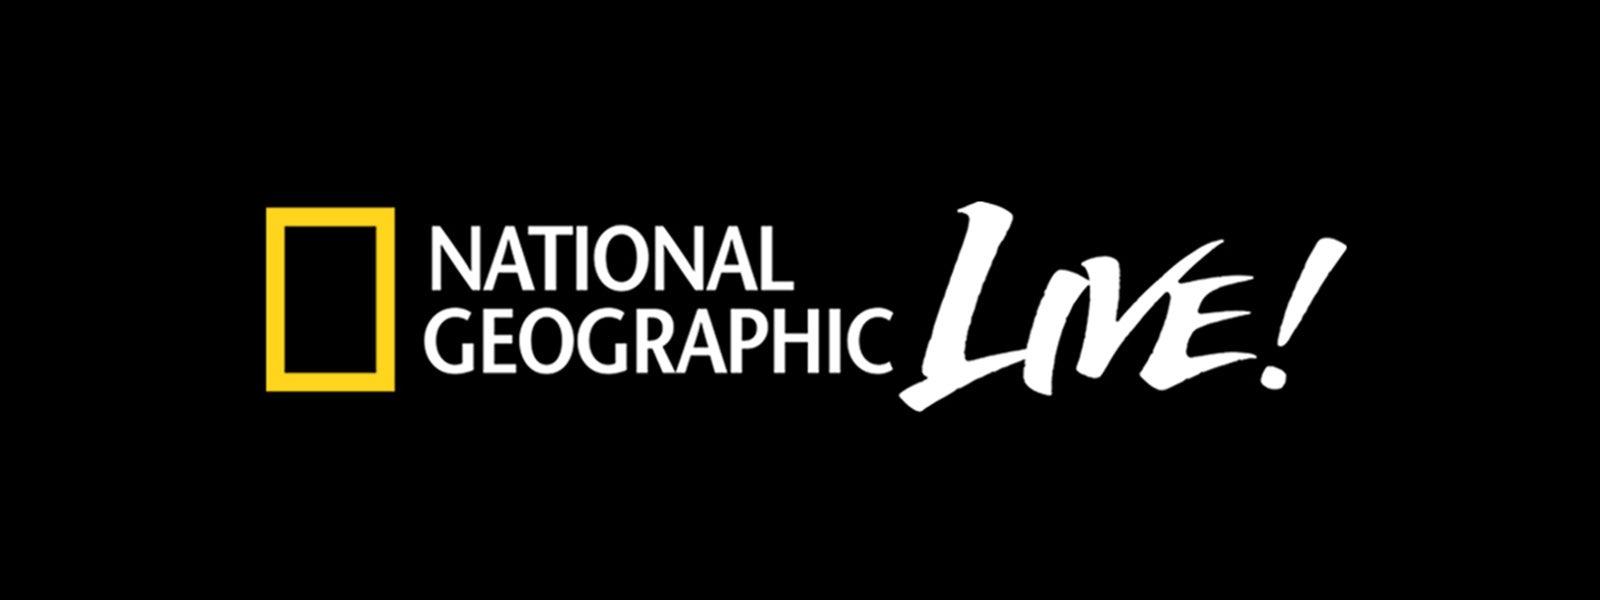 Nat-Geo_Logo_1600x600.jpg